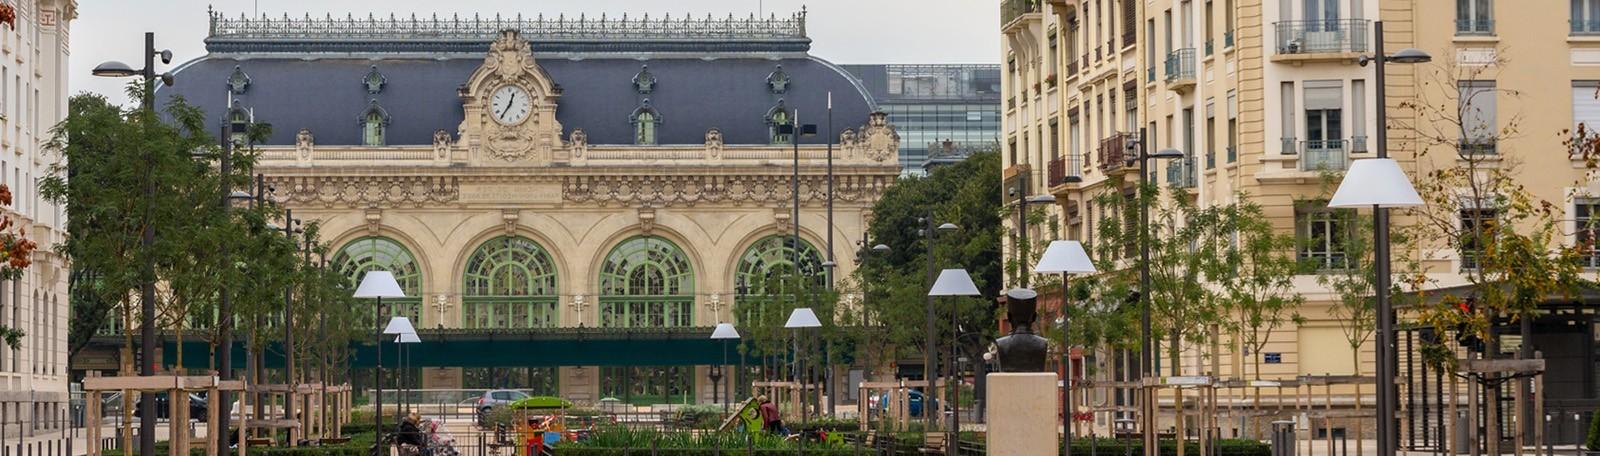 Réservation parking Brotteaux Lyon